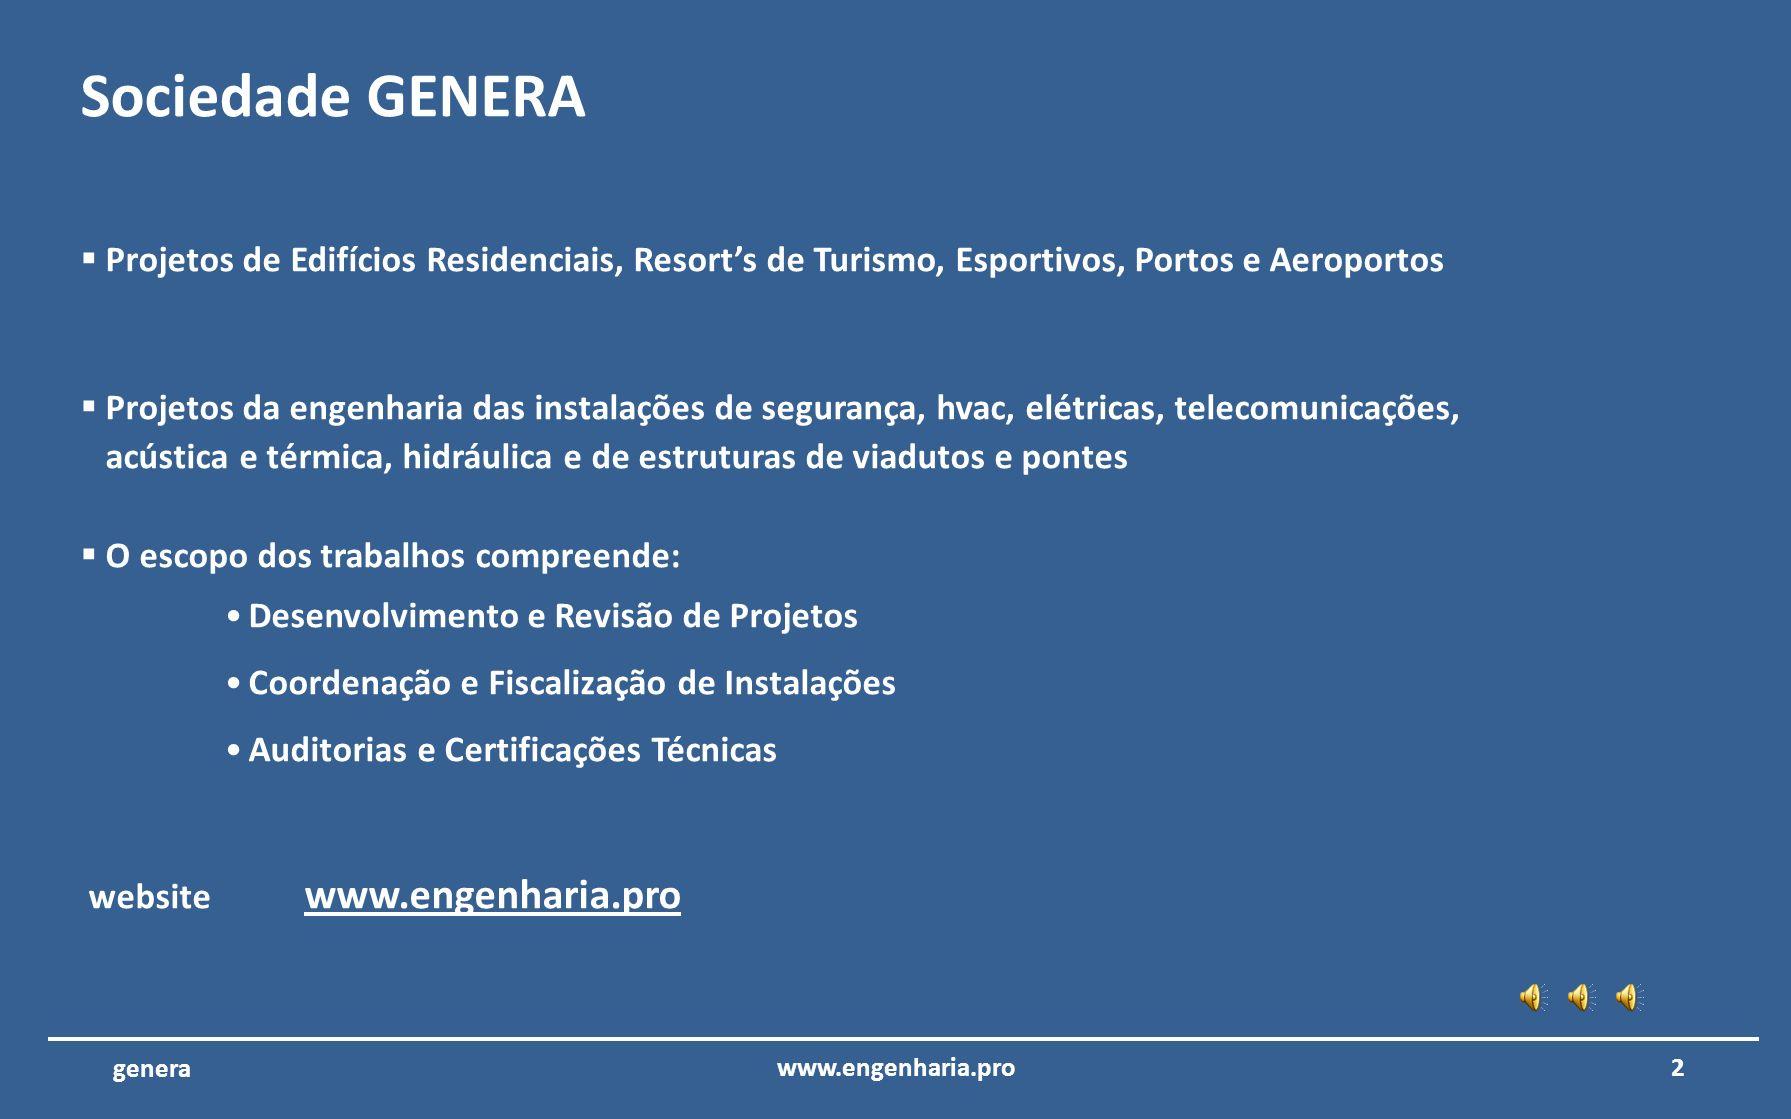 Sociedade GENERA Projetos de Edifícios Residenciais, Resort's de Turismo, Esportivos, Portos e Aeroportos.